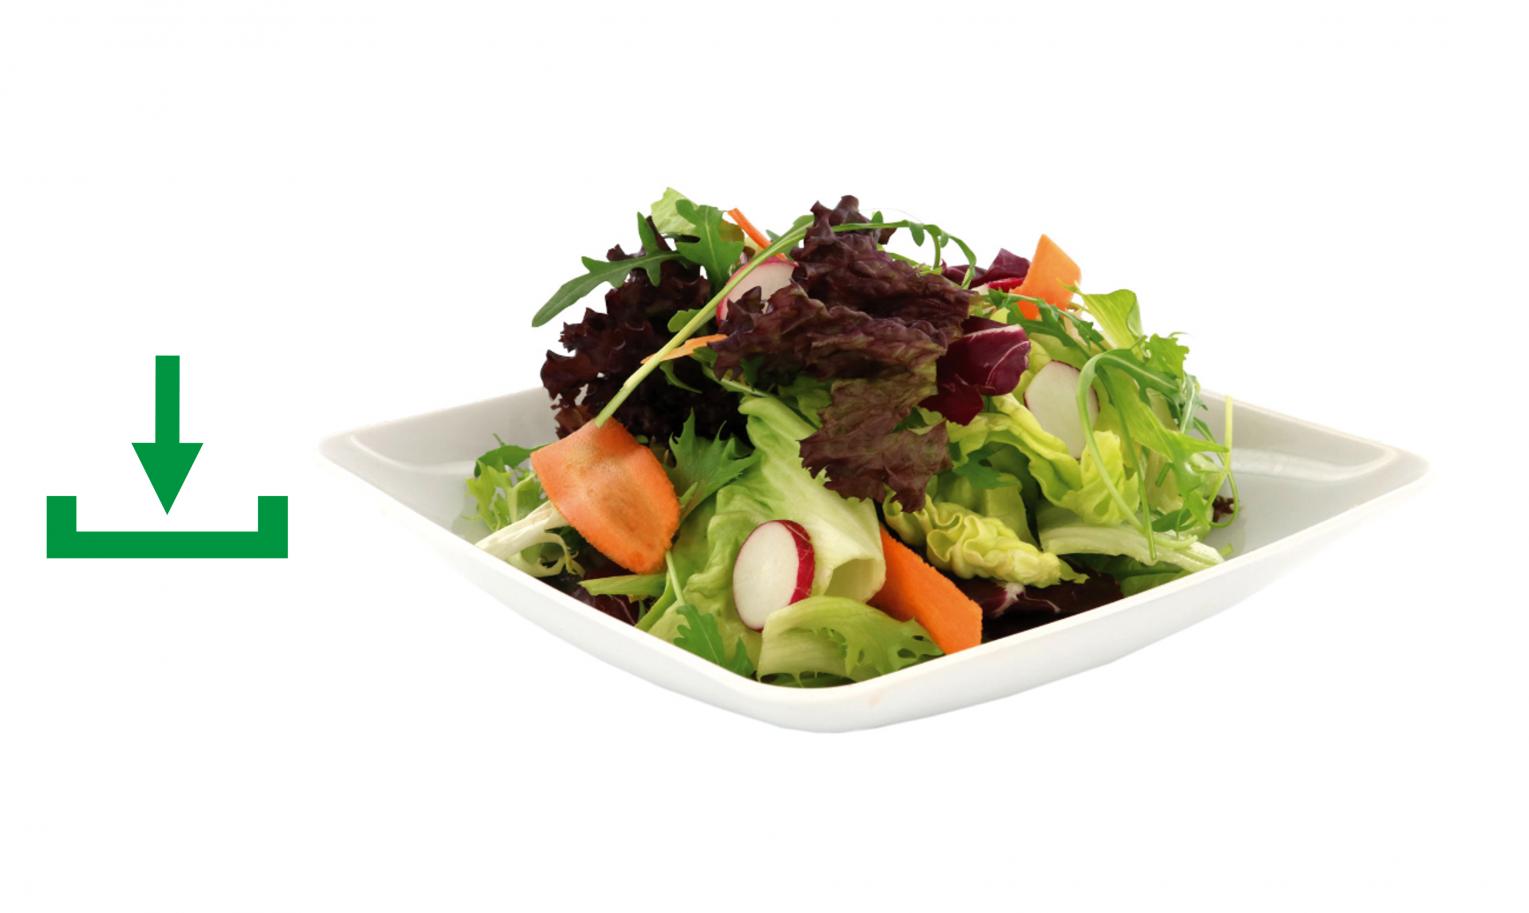 Salatmischung Teller